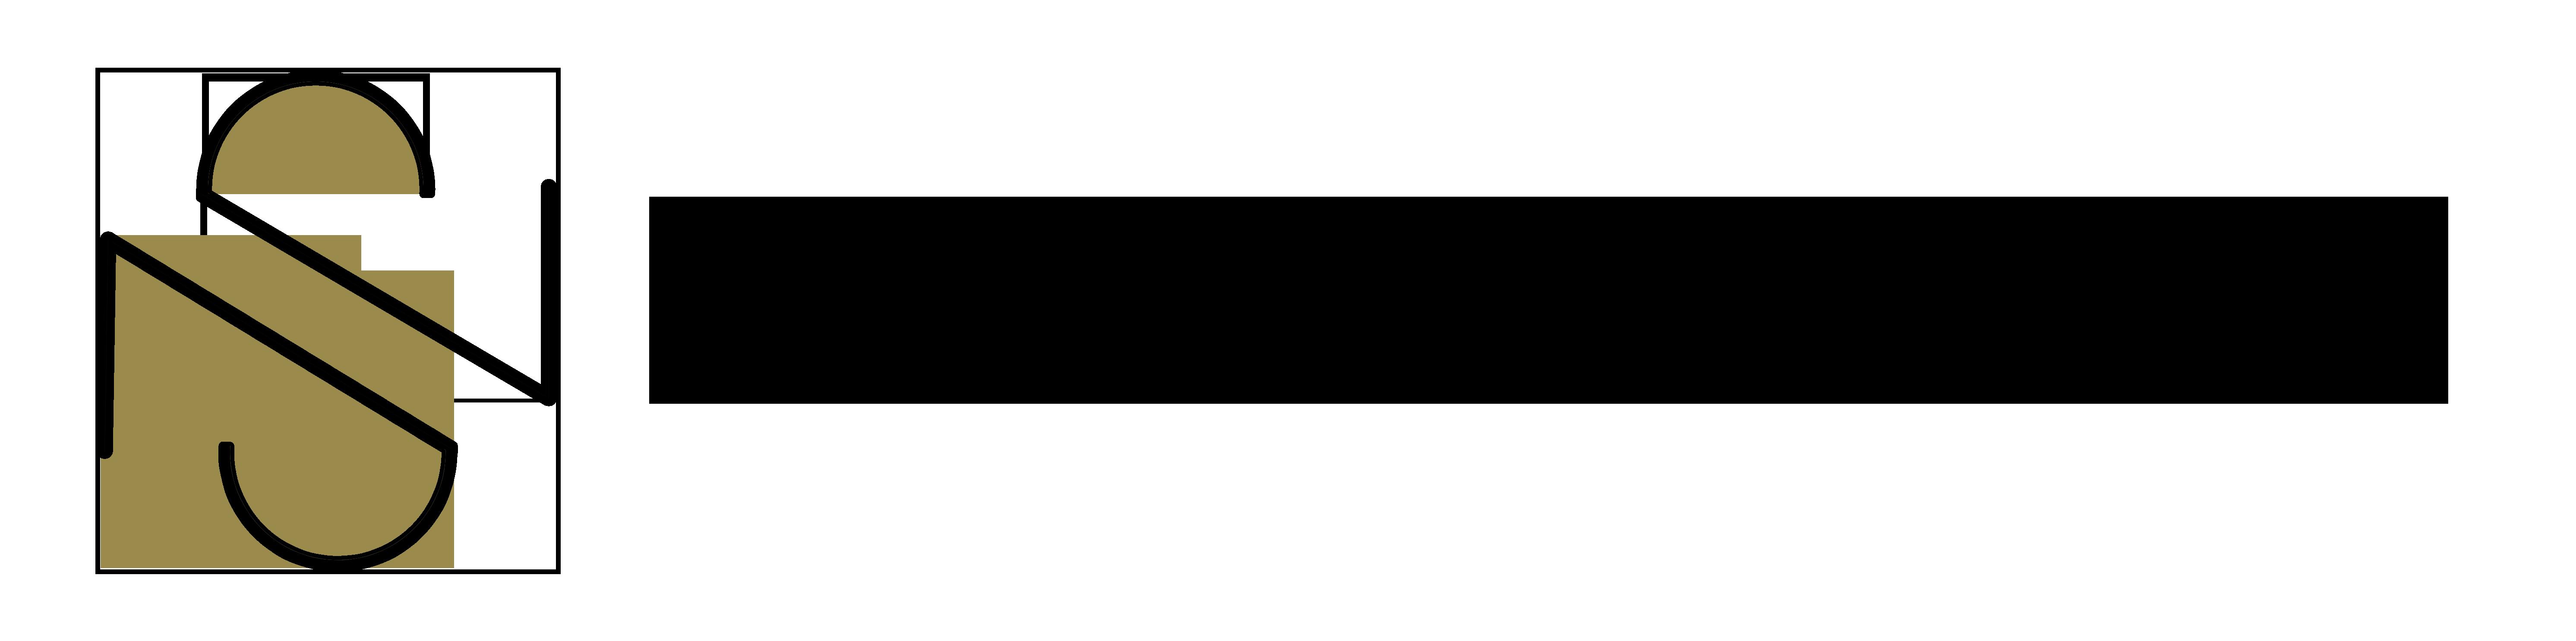 Sn Metallbeton